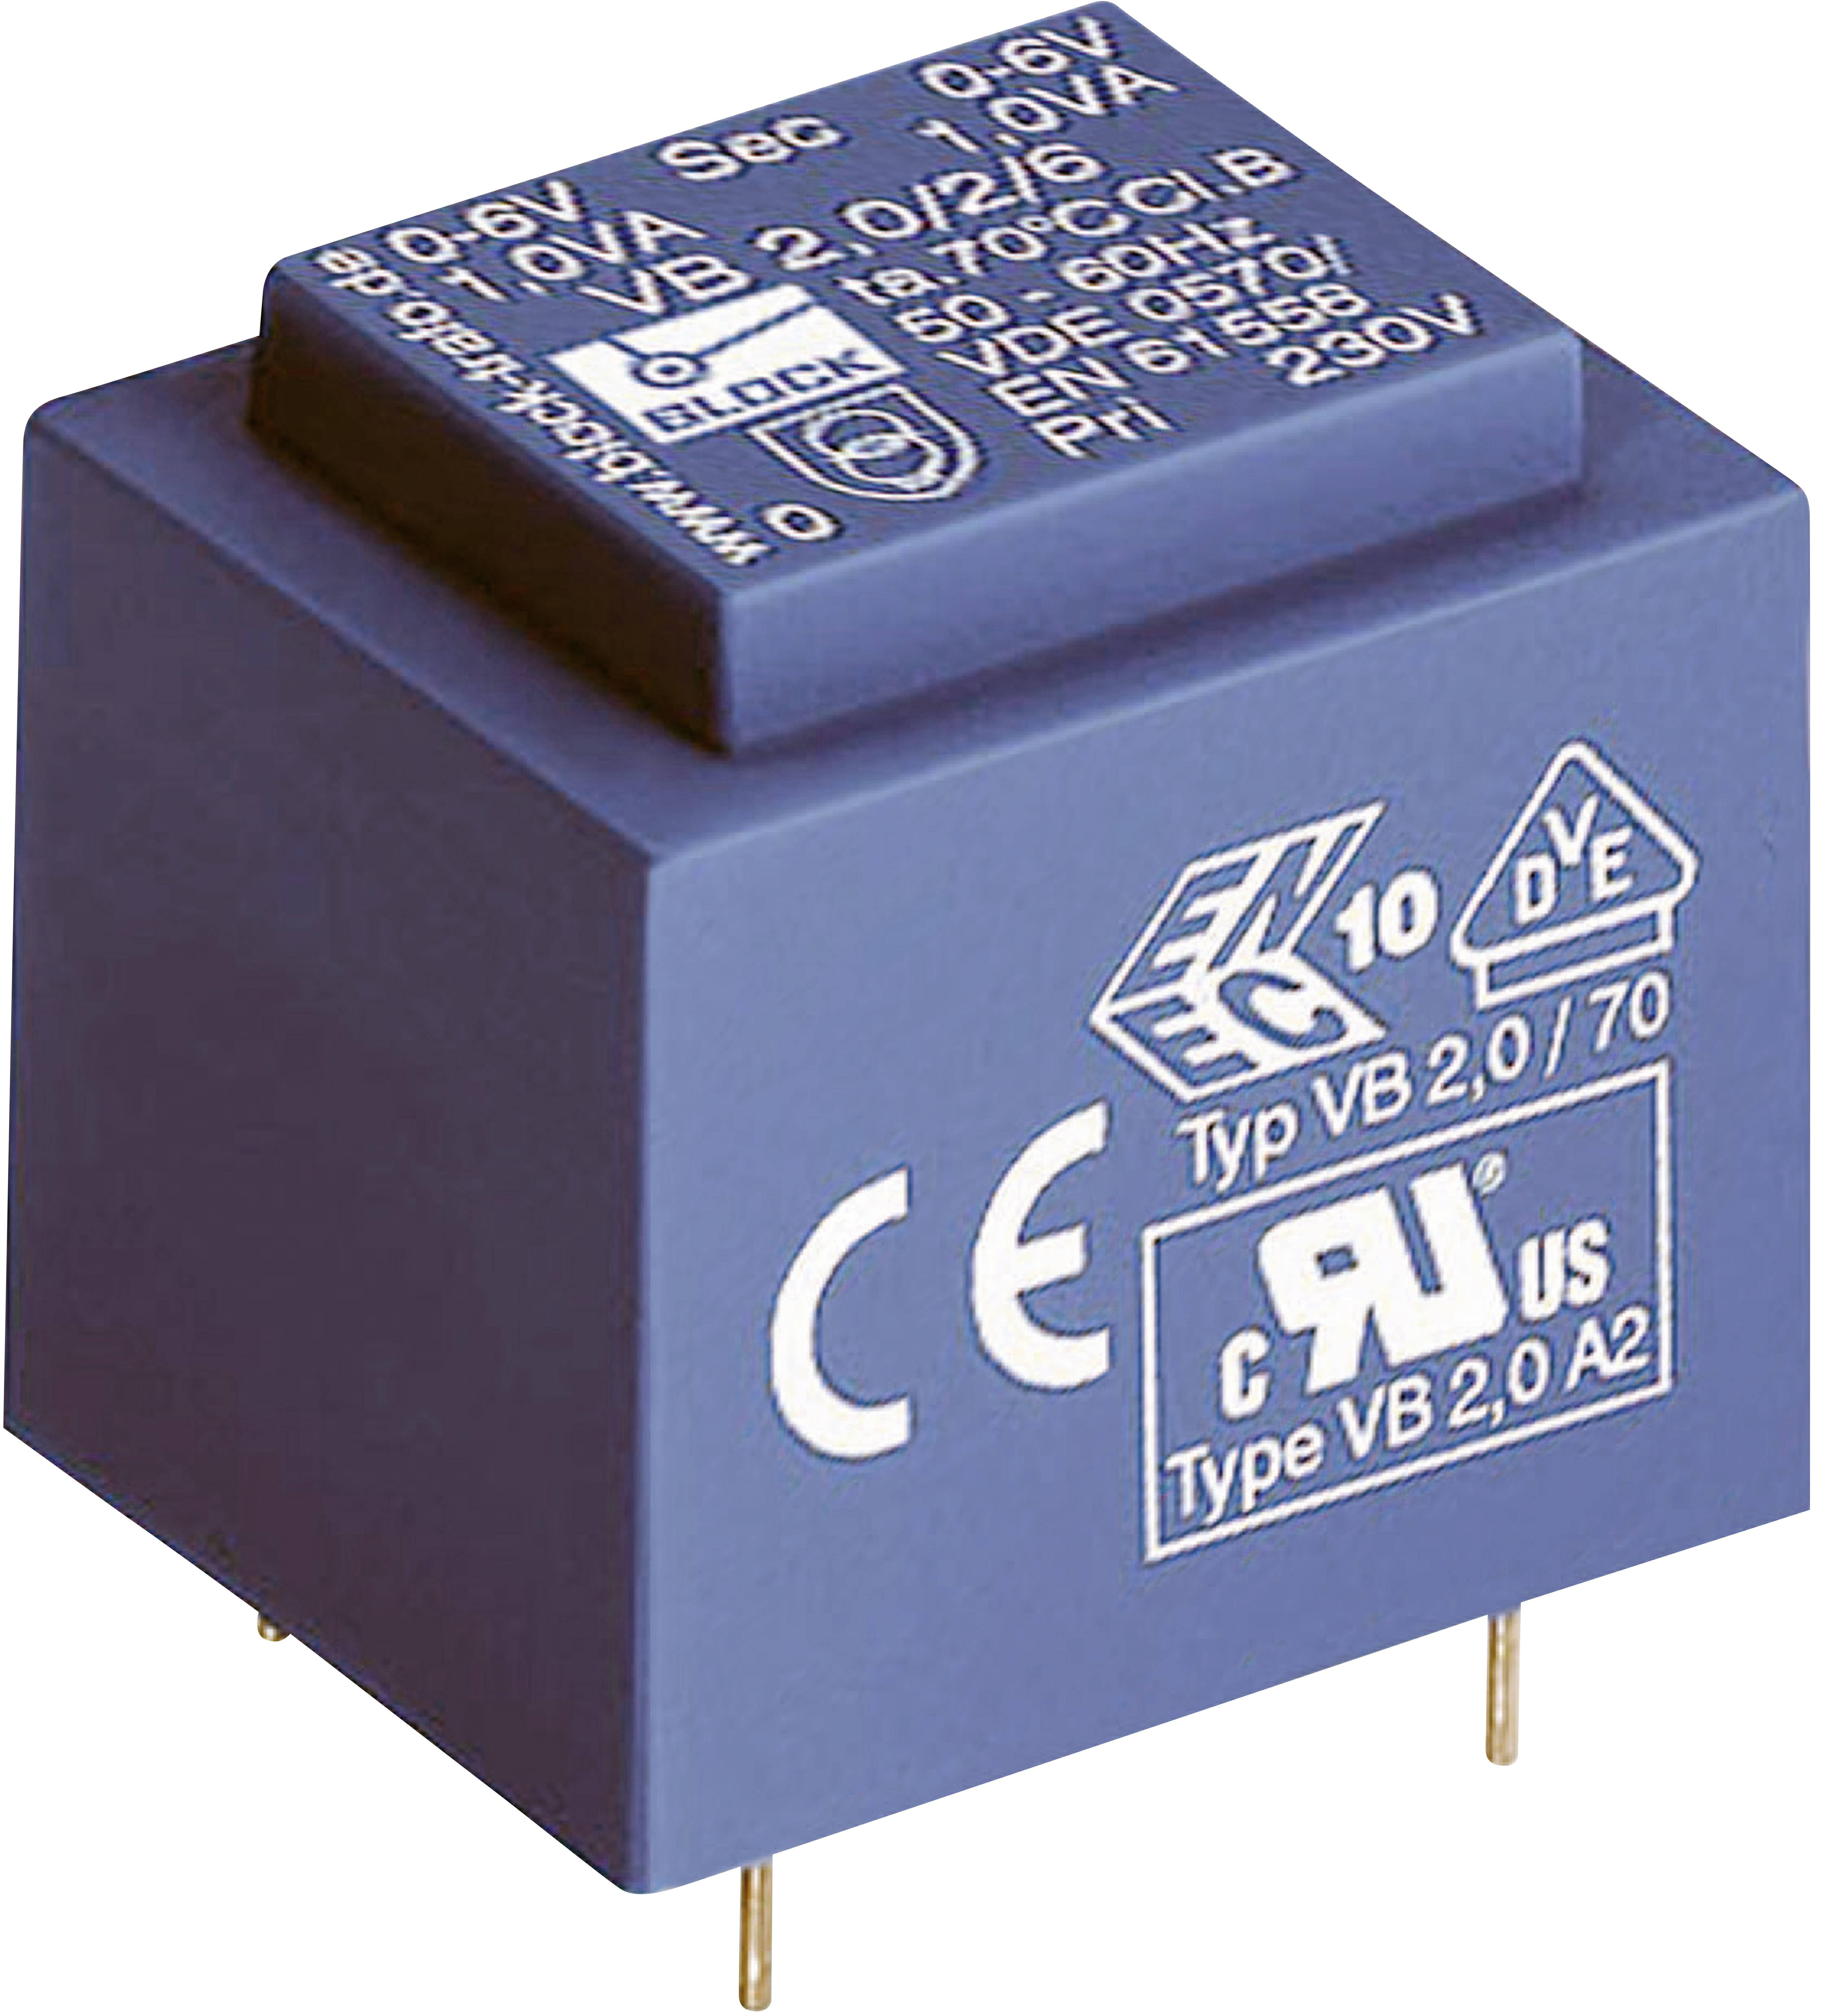 Transformátor do DPS Block VB 2,8/2/12, 2.80 VA